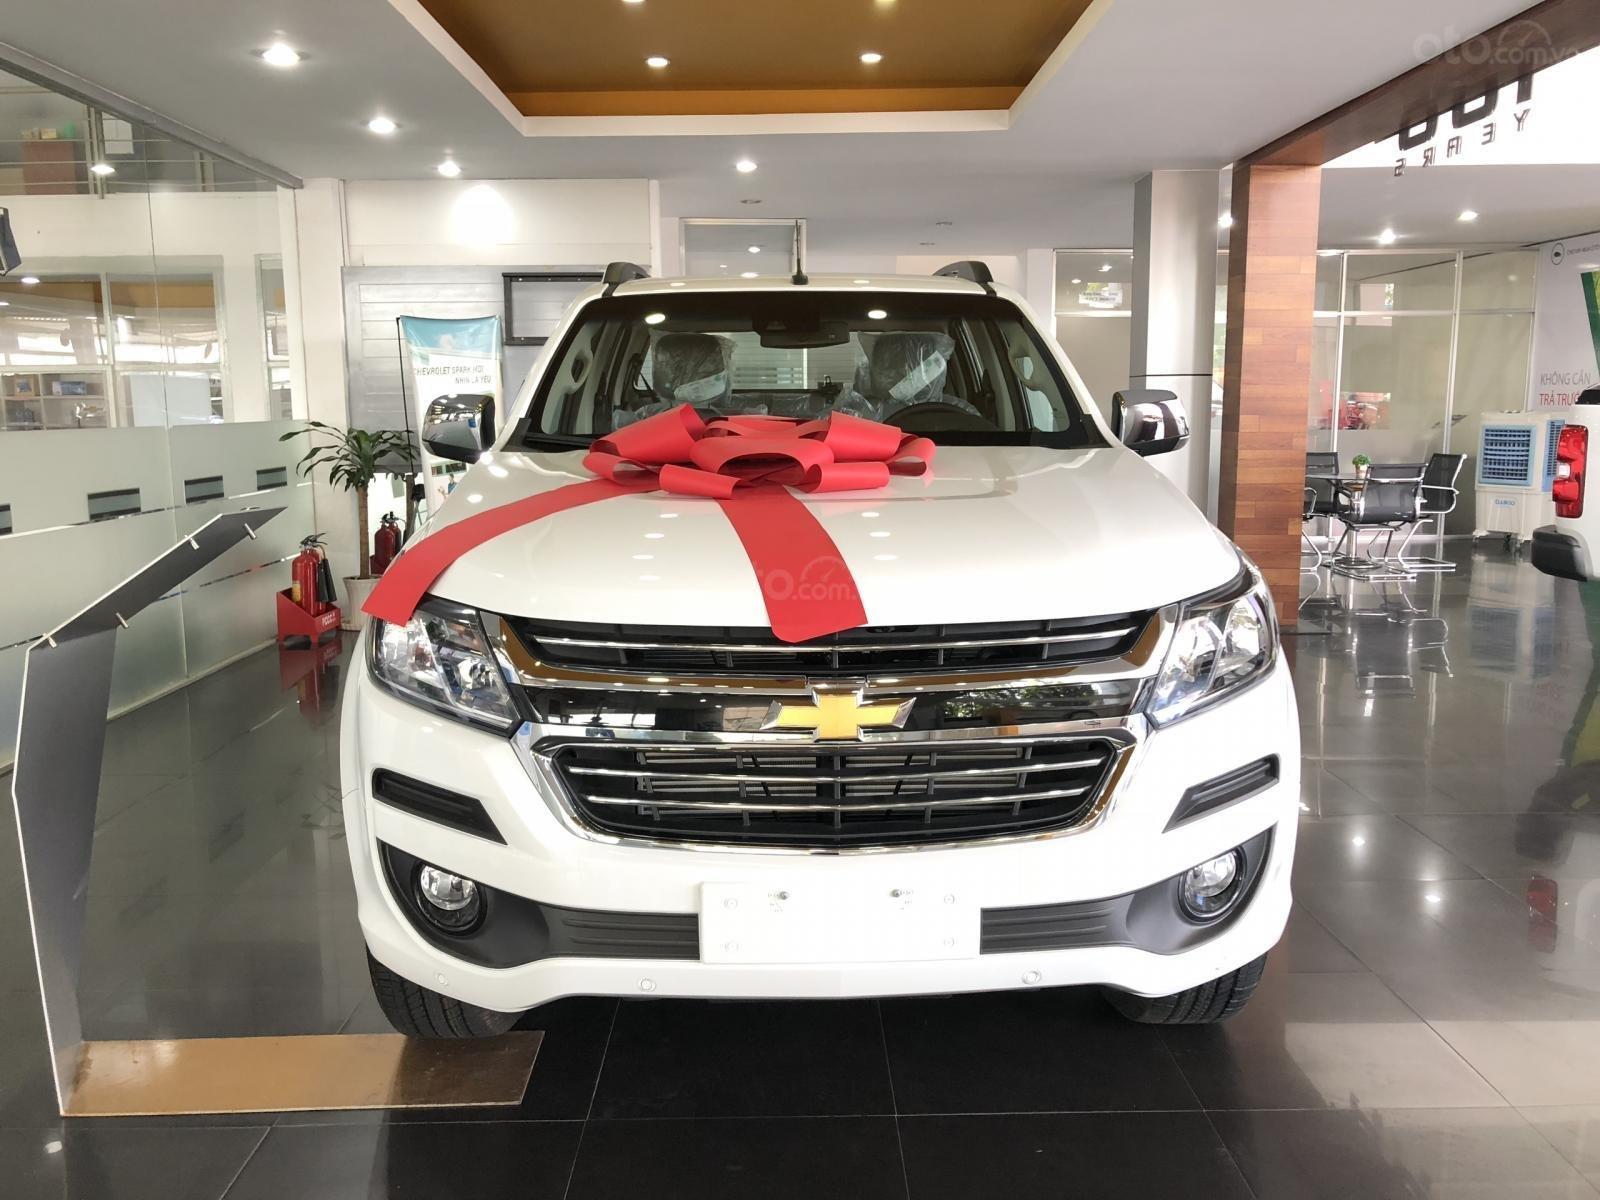 Bán Chevrolet Colorado nhập khẩu, 90Tr nhận xe, có bán trả góp, khuyến mãi lớn trong tháng-0